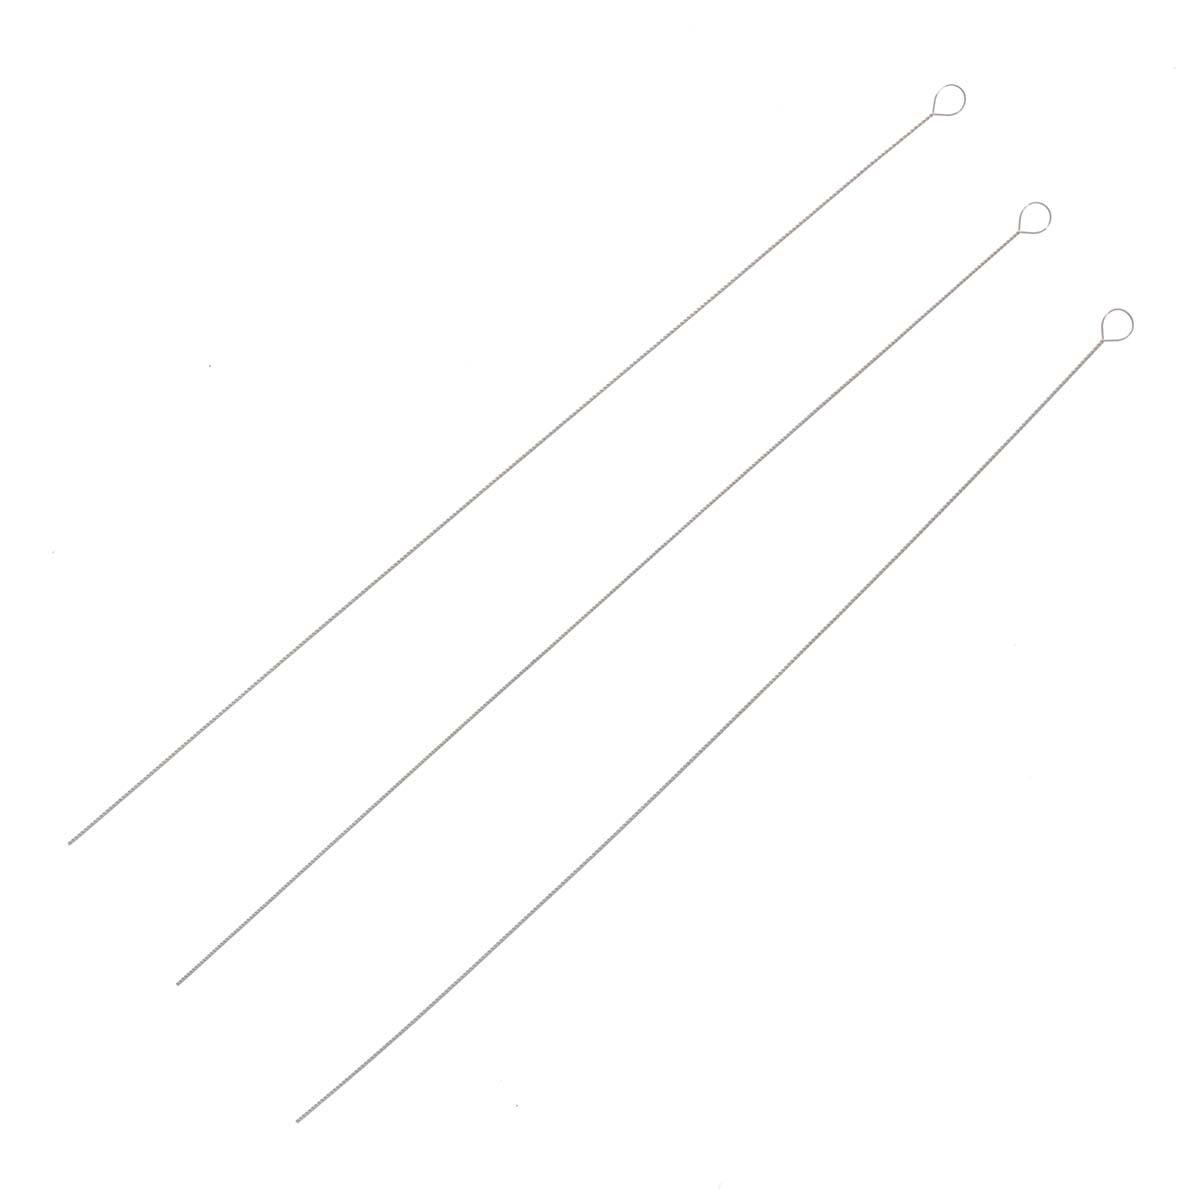 XQ264 Игла для нанизывания скрученная, d 0,22мм, 10шт, Астра